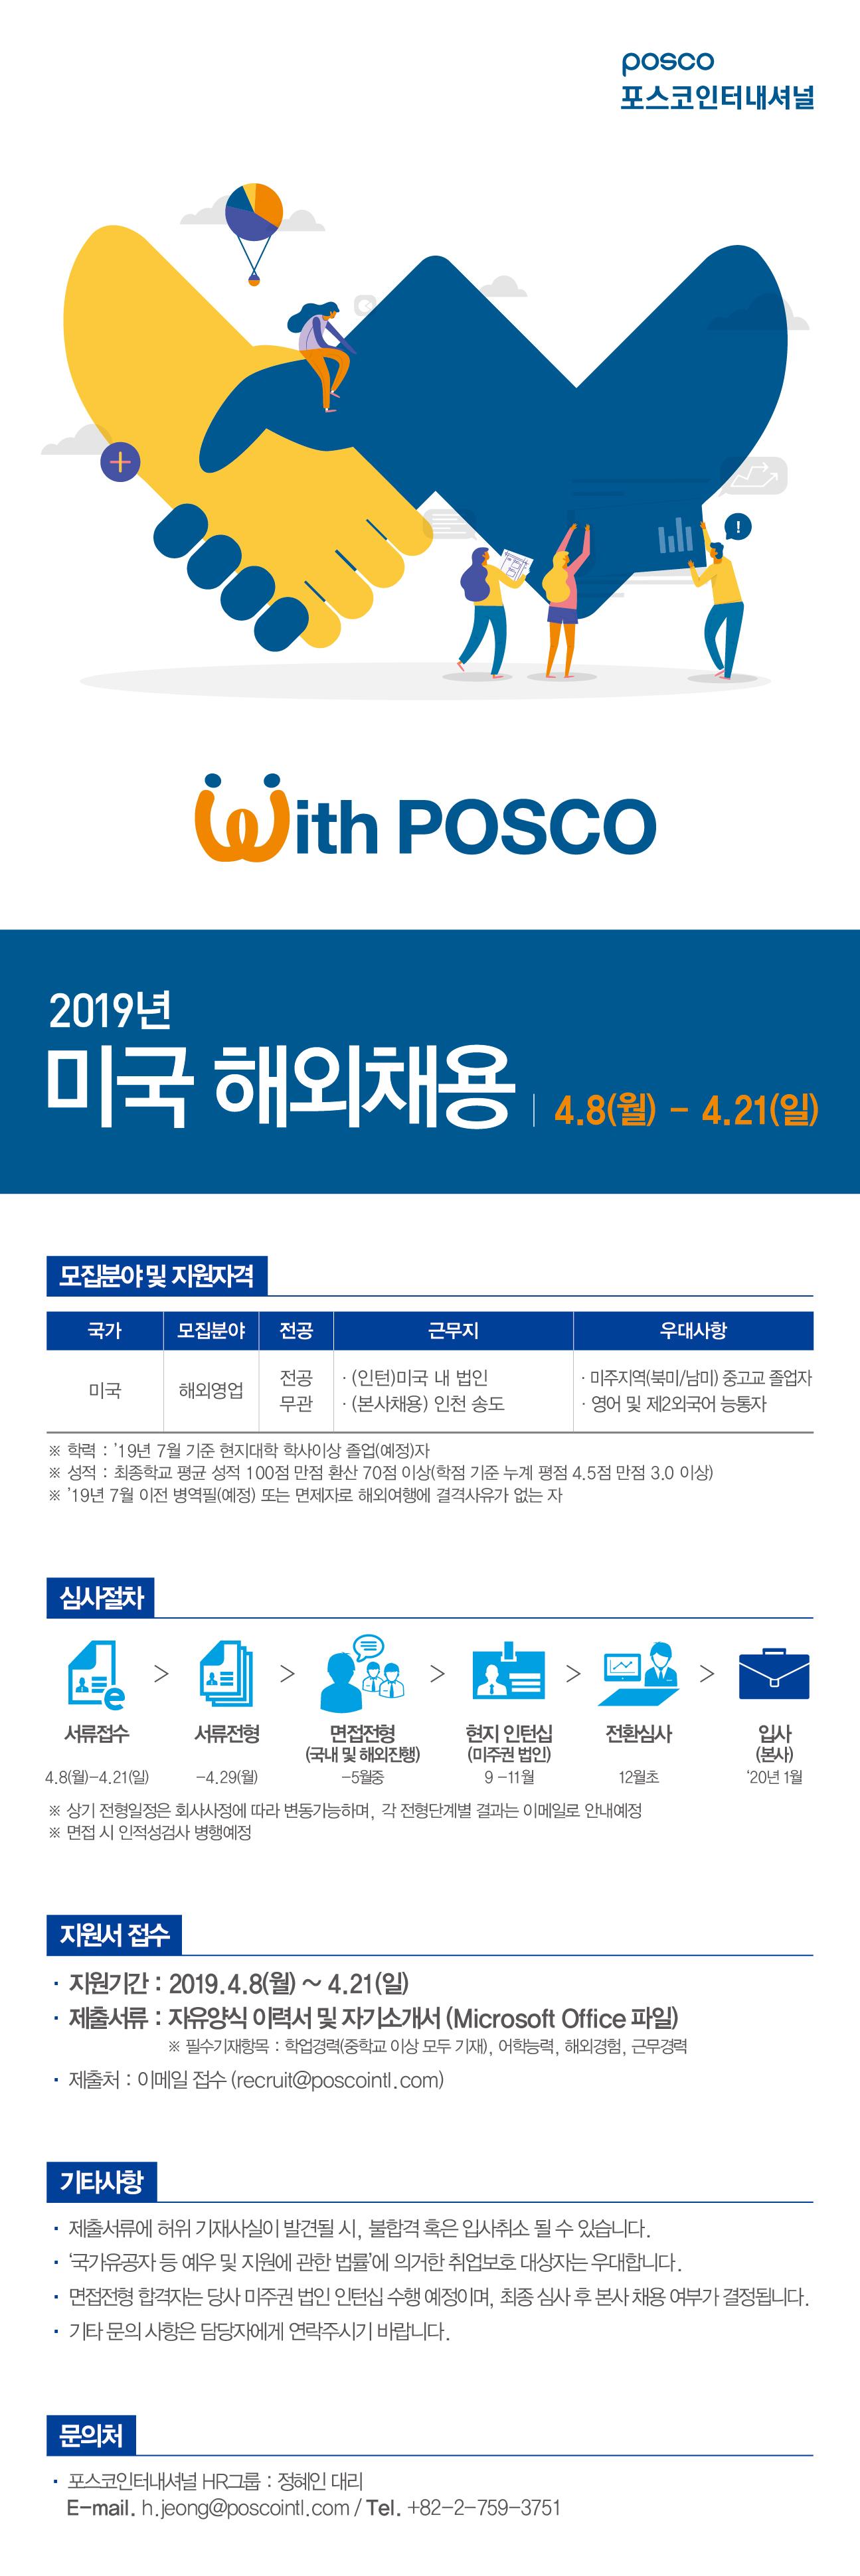 2019년 상반기 포스코_해외채용 웹플라이어(미국)_최종수정.jpg